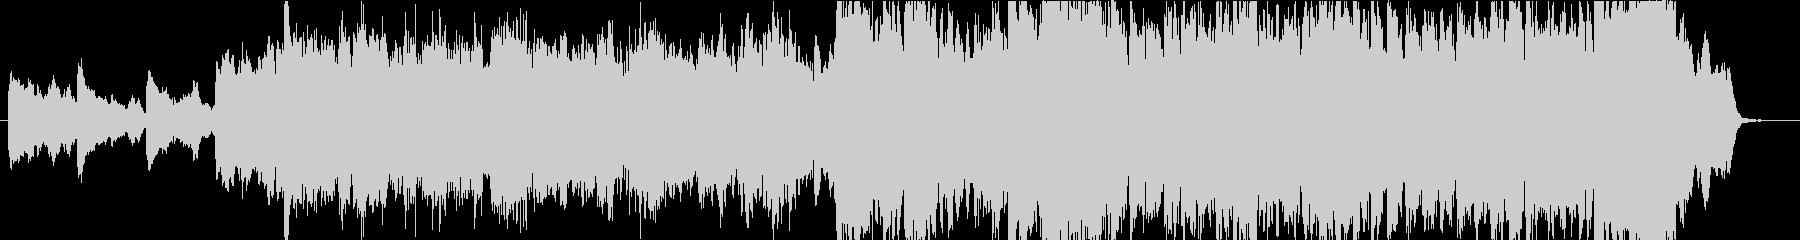 徐々に盛り上がるポジティブなオーケストラの未再生の波形